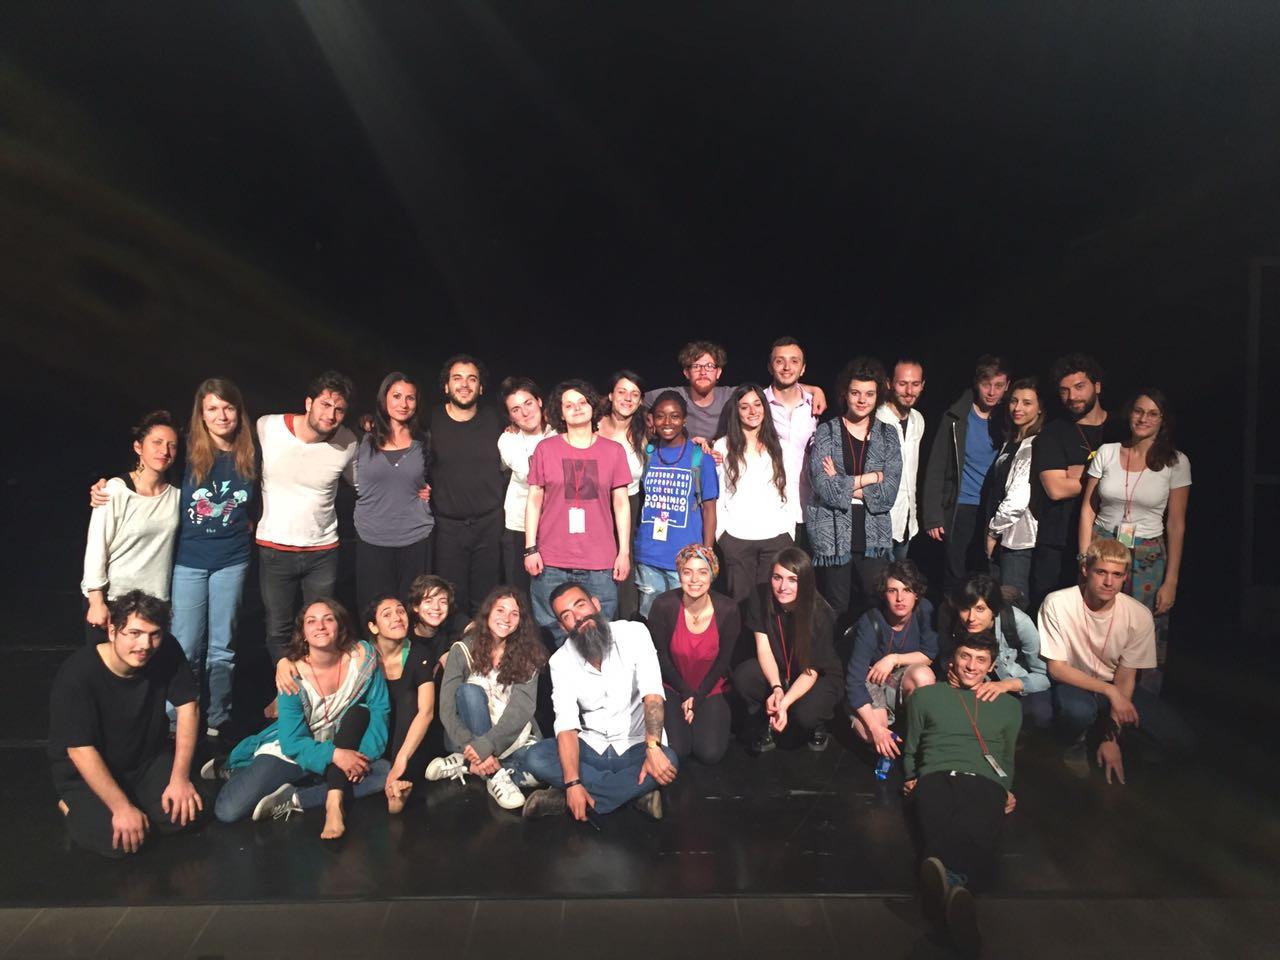 Foto di gruppo delle compagnie con Konsulta, direzione artistica e Giulio Sonno dopo gli esiti del progetto Cantieri